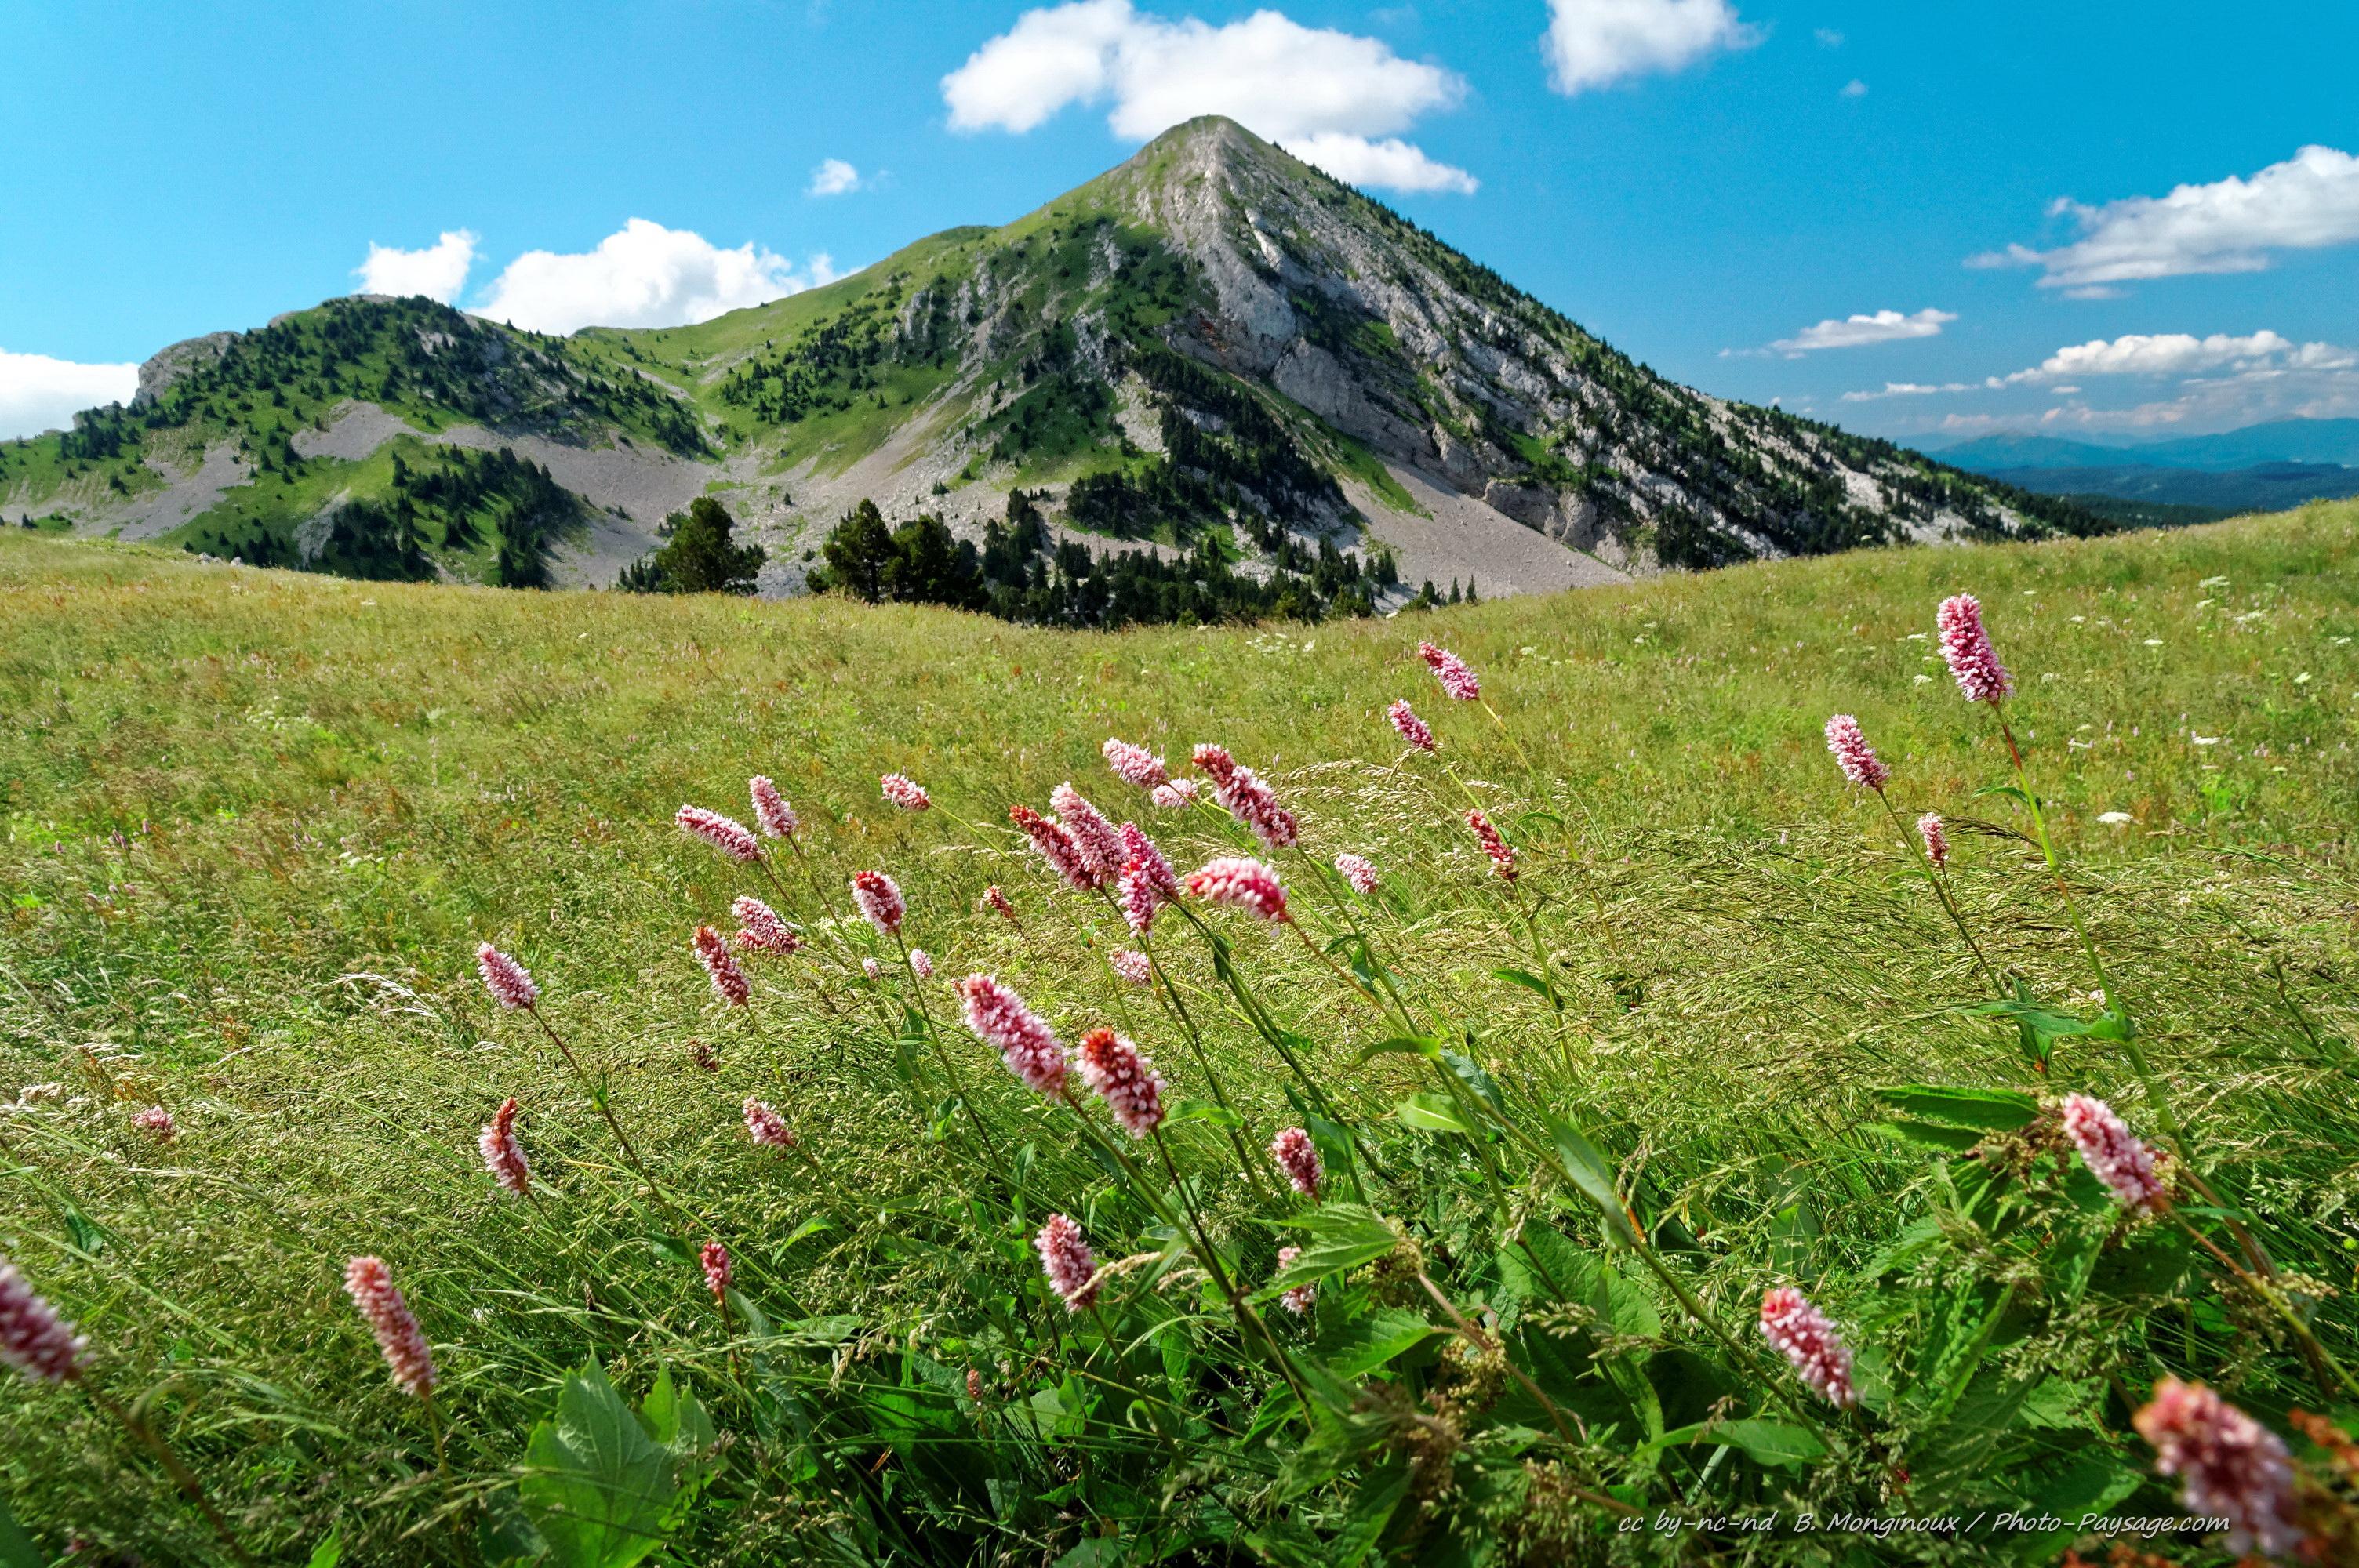 Bourne fleurs de montagne fleurs de montagne fleurs de montagne